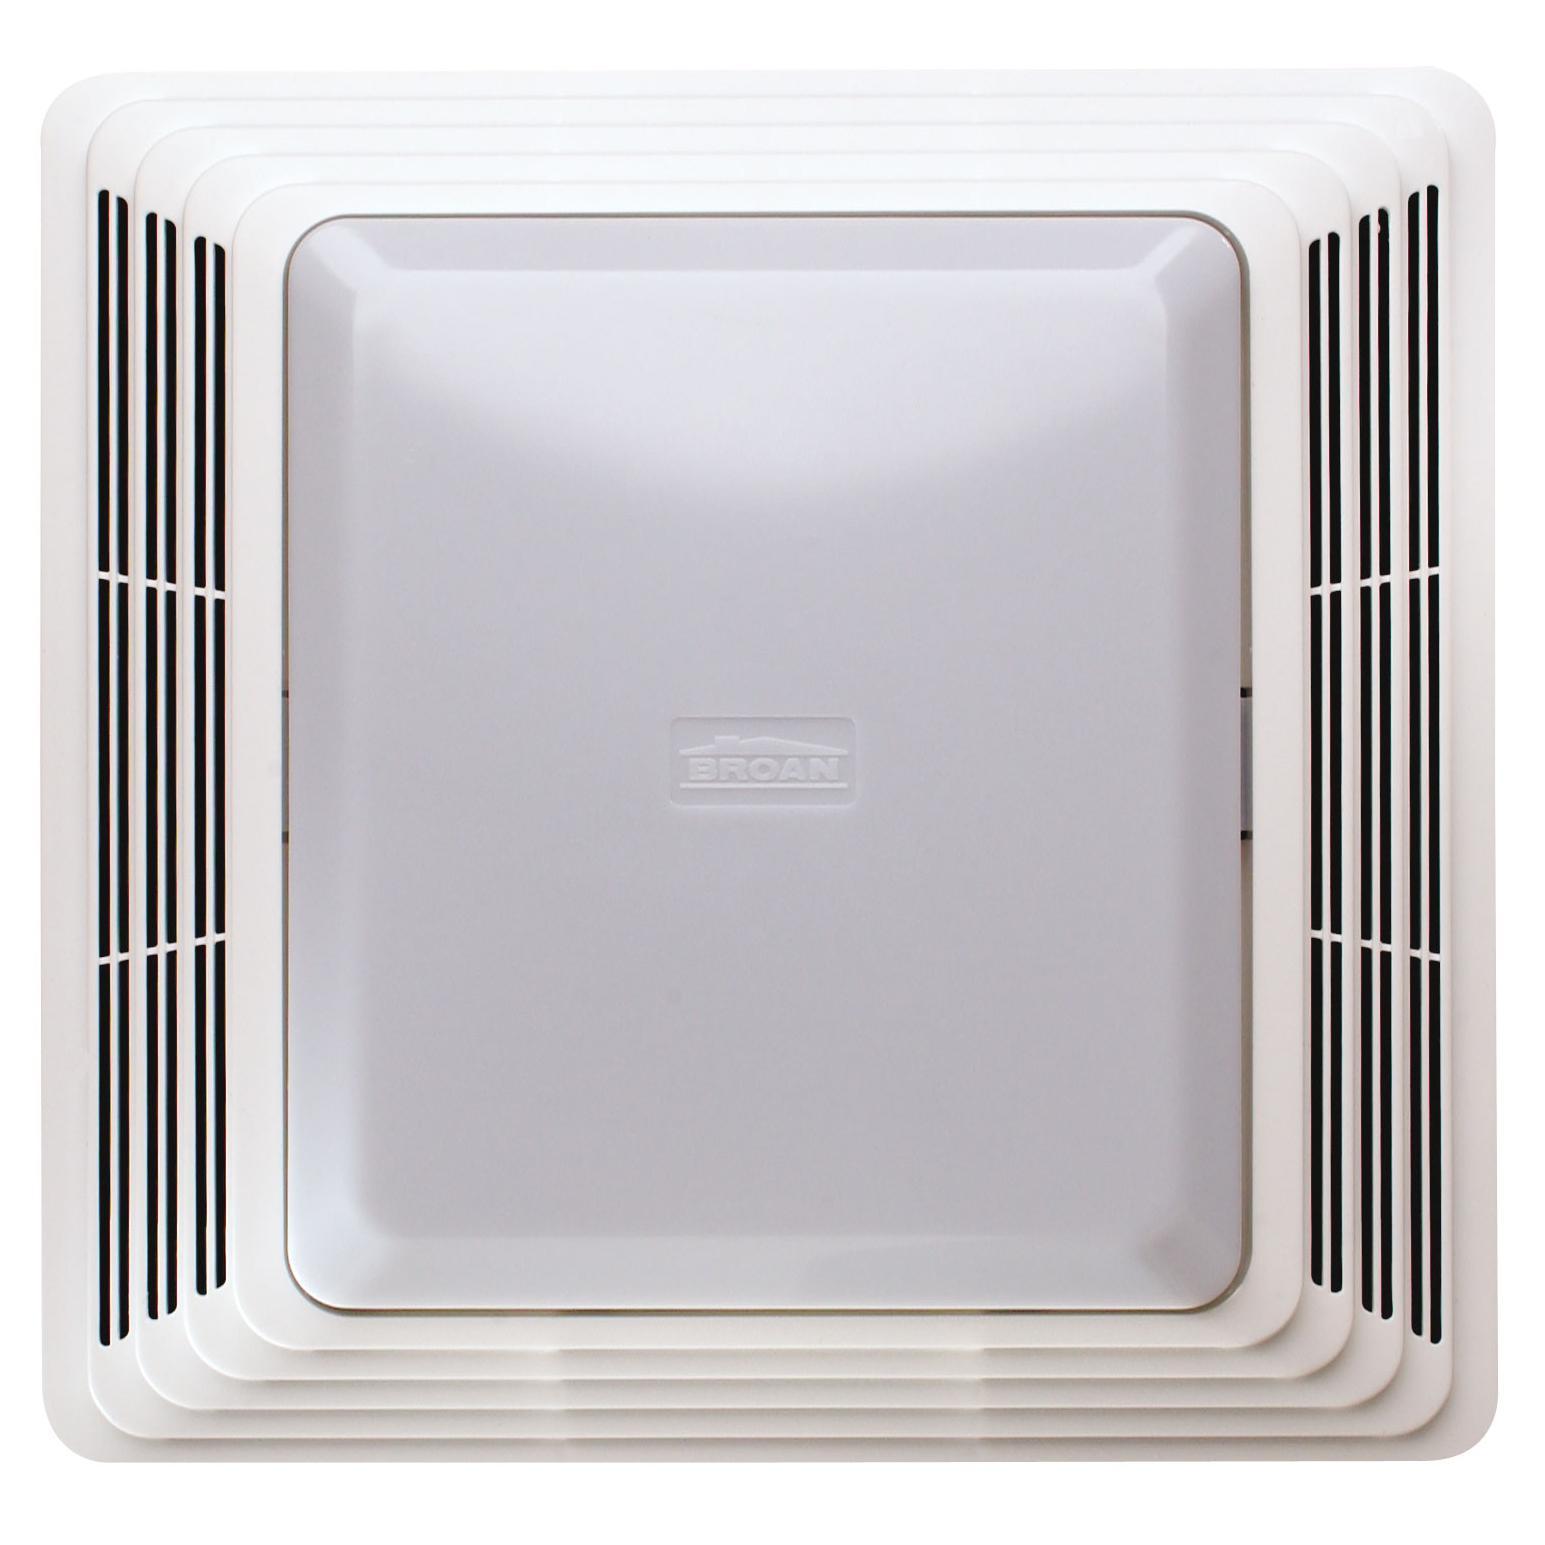 Broan hd80l 80 cfm 2 5 sones heavy duty fan light - Broan 80 cfm bathroom fan with light ...